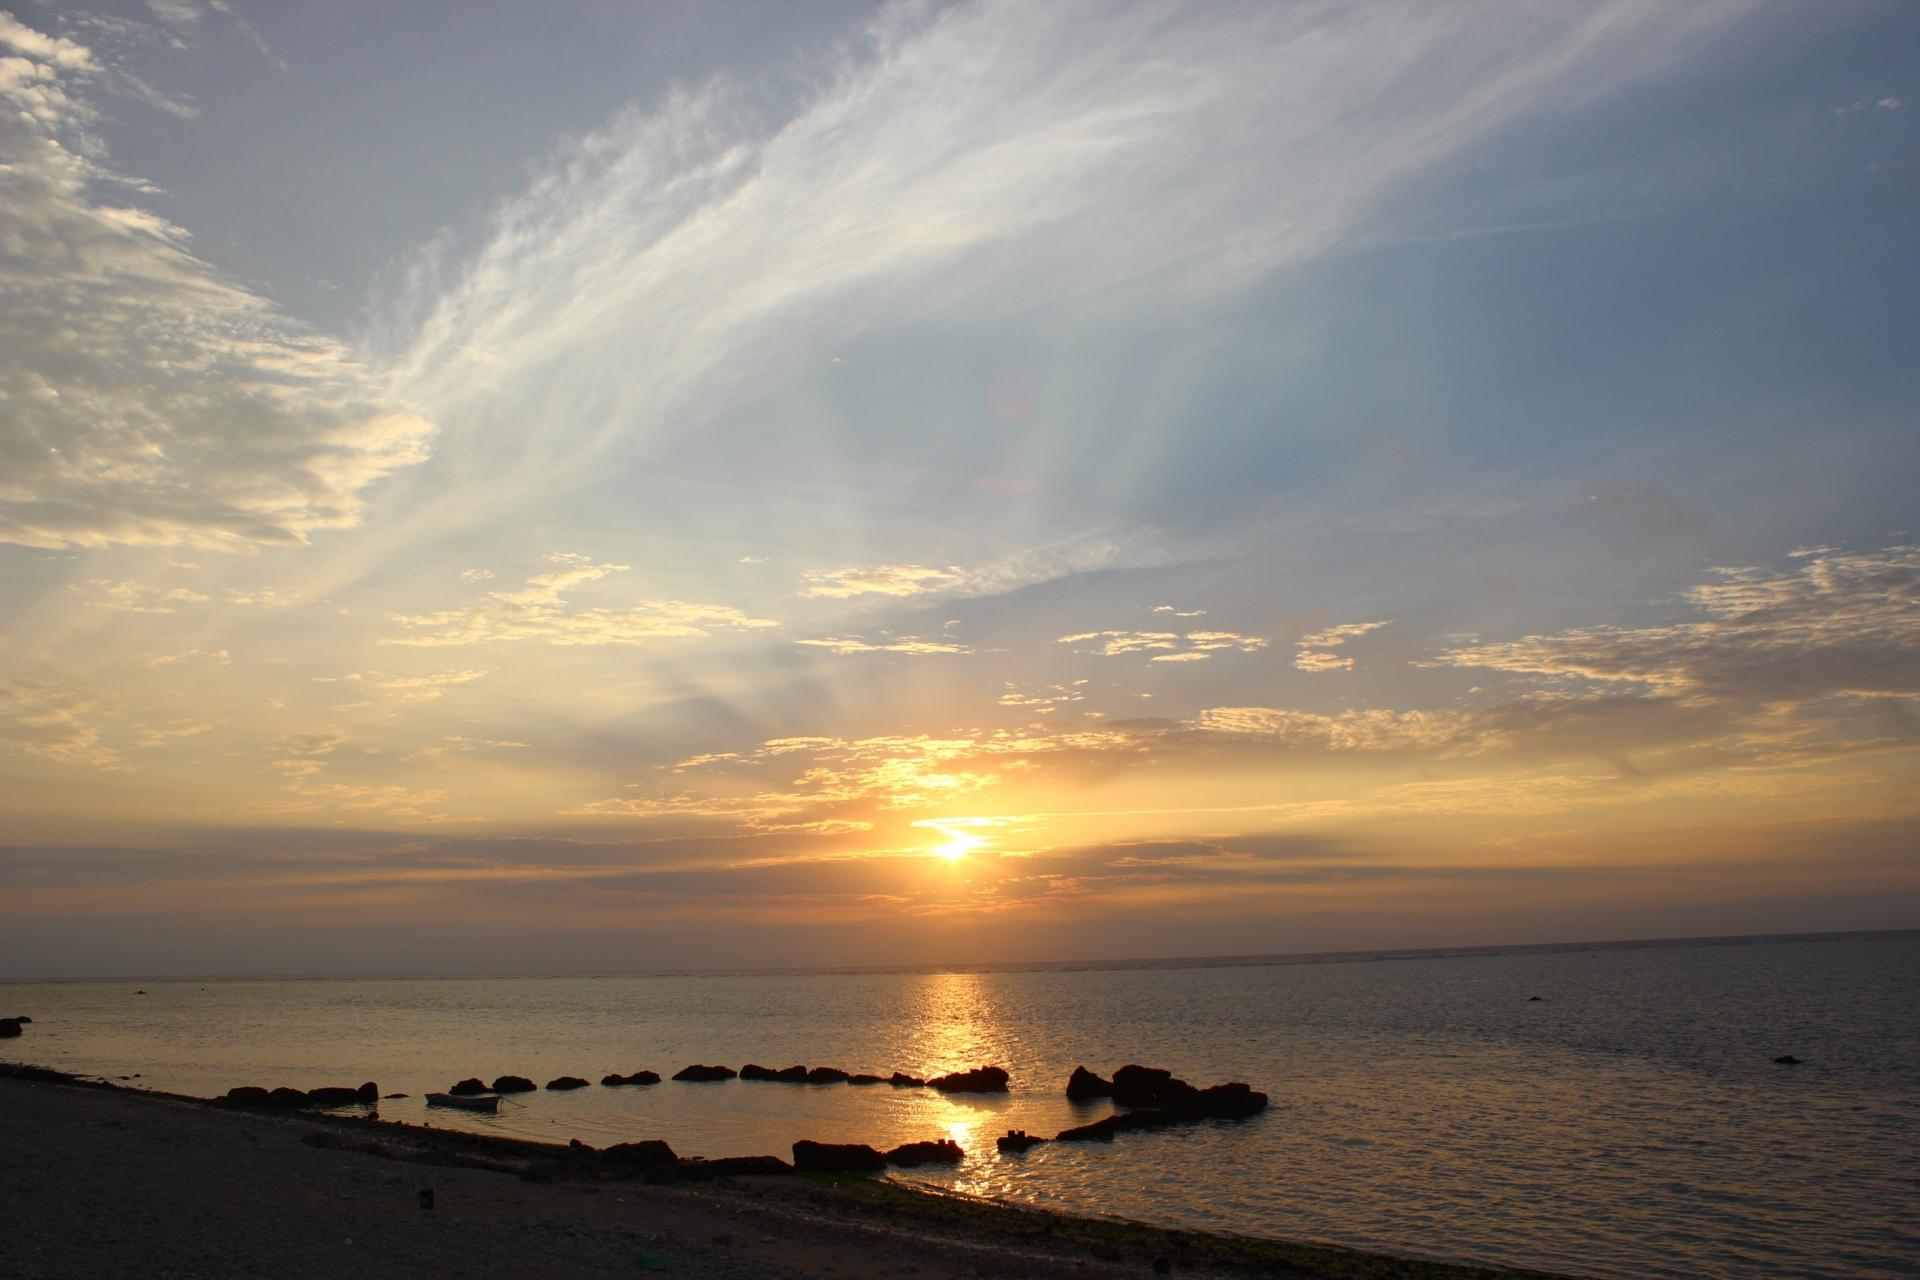 アオサンゴで有名な白保海岸